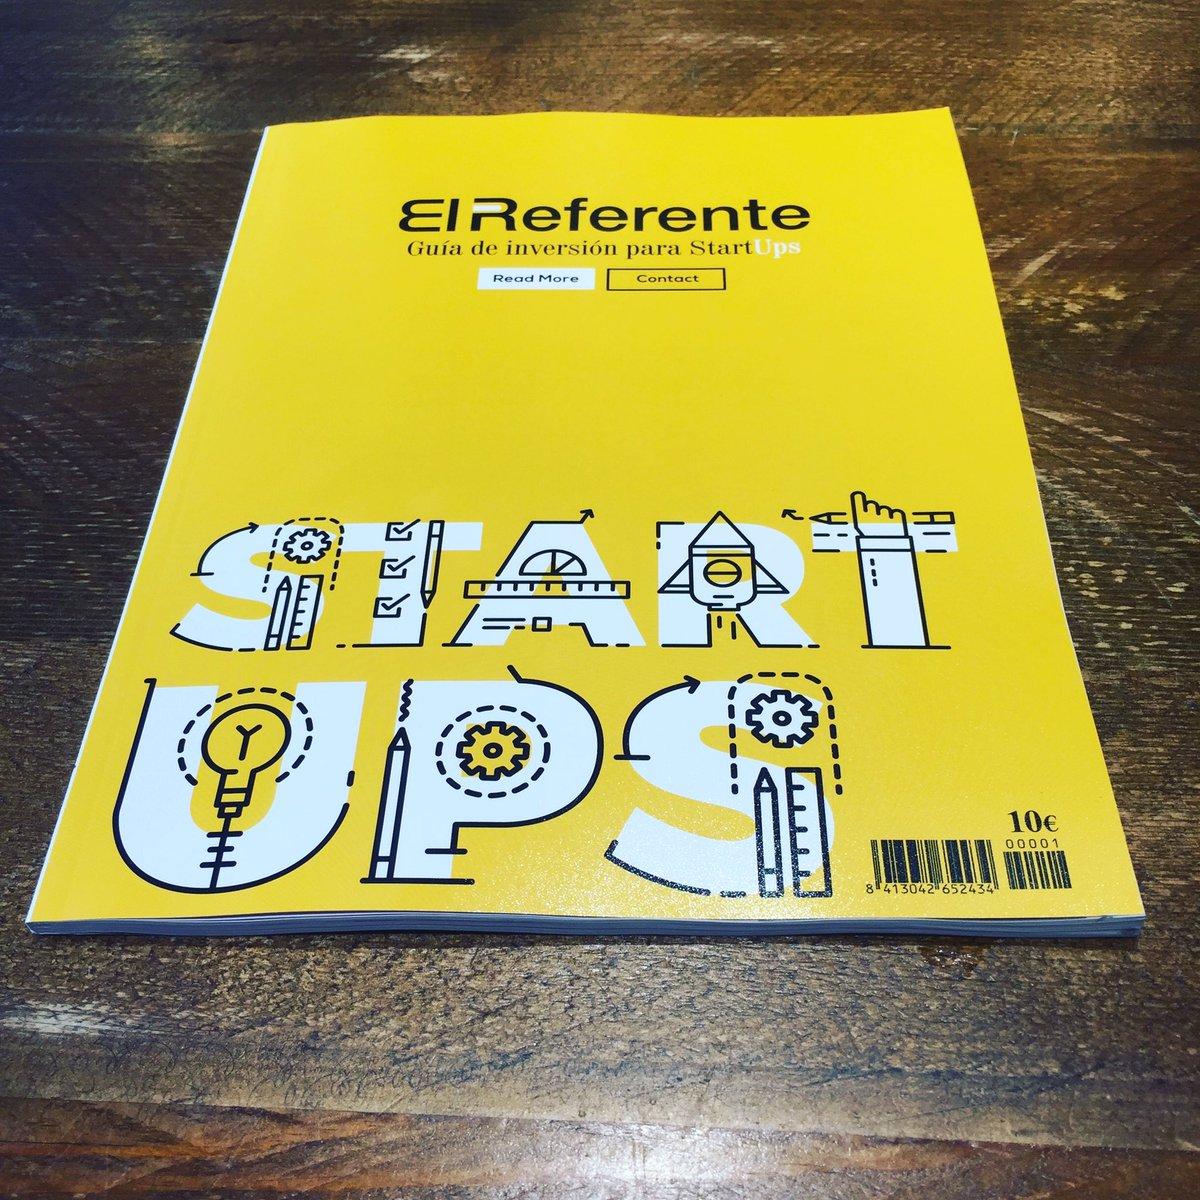 NOTICIÓN: mañana lanzamos en toda España la primera Guía de Inversión para #startups #emprendedores https://t.co/6AIrTz31Xt